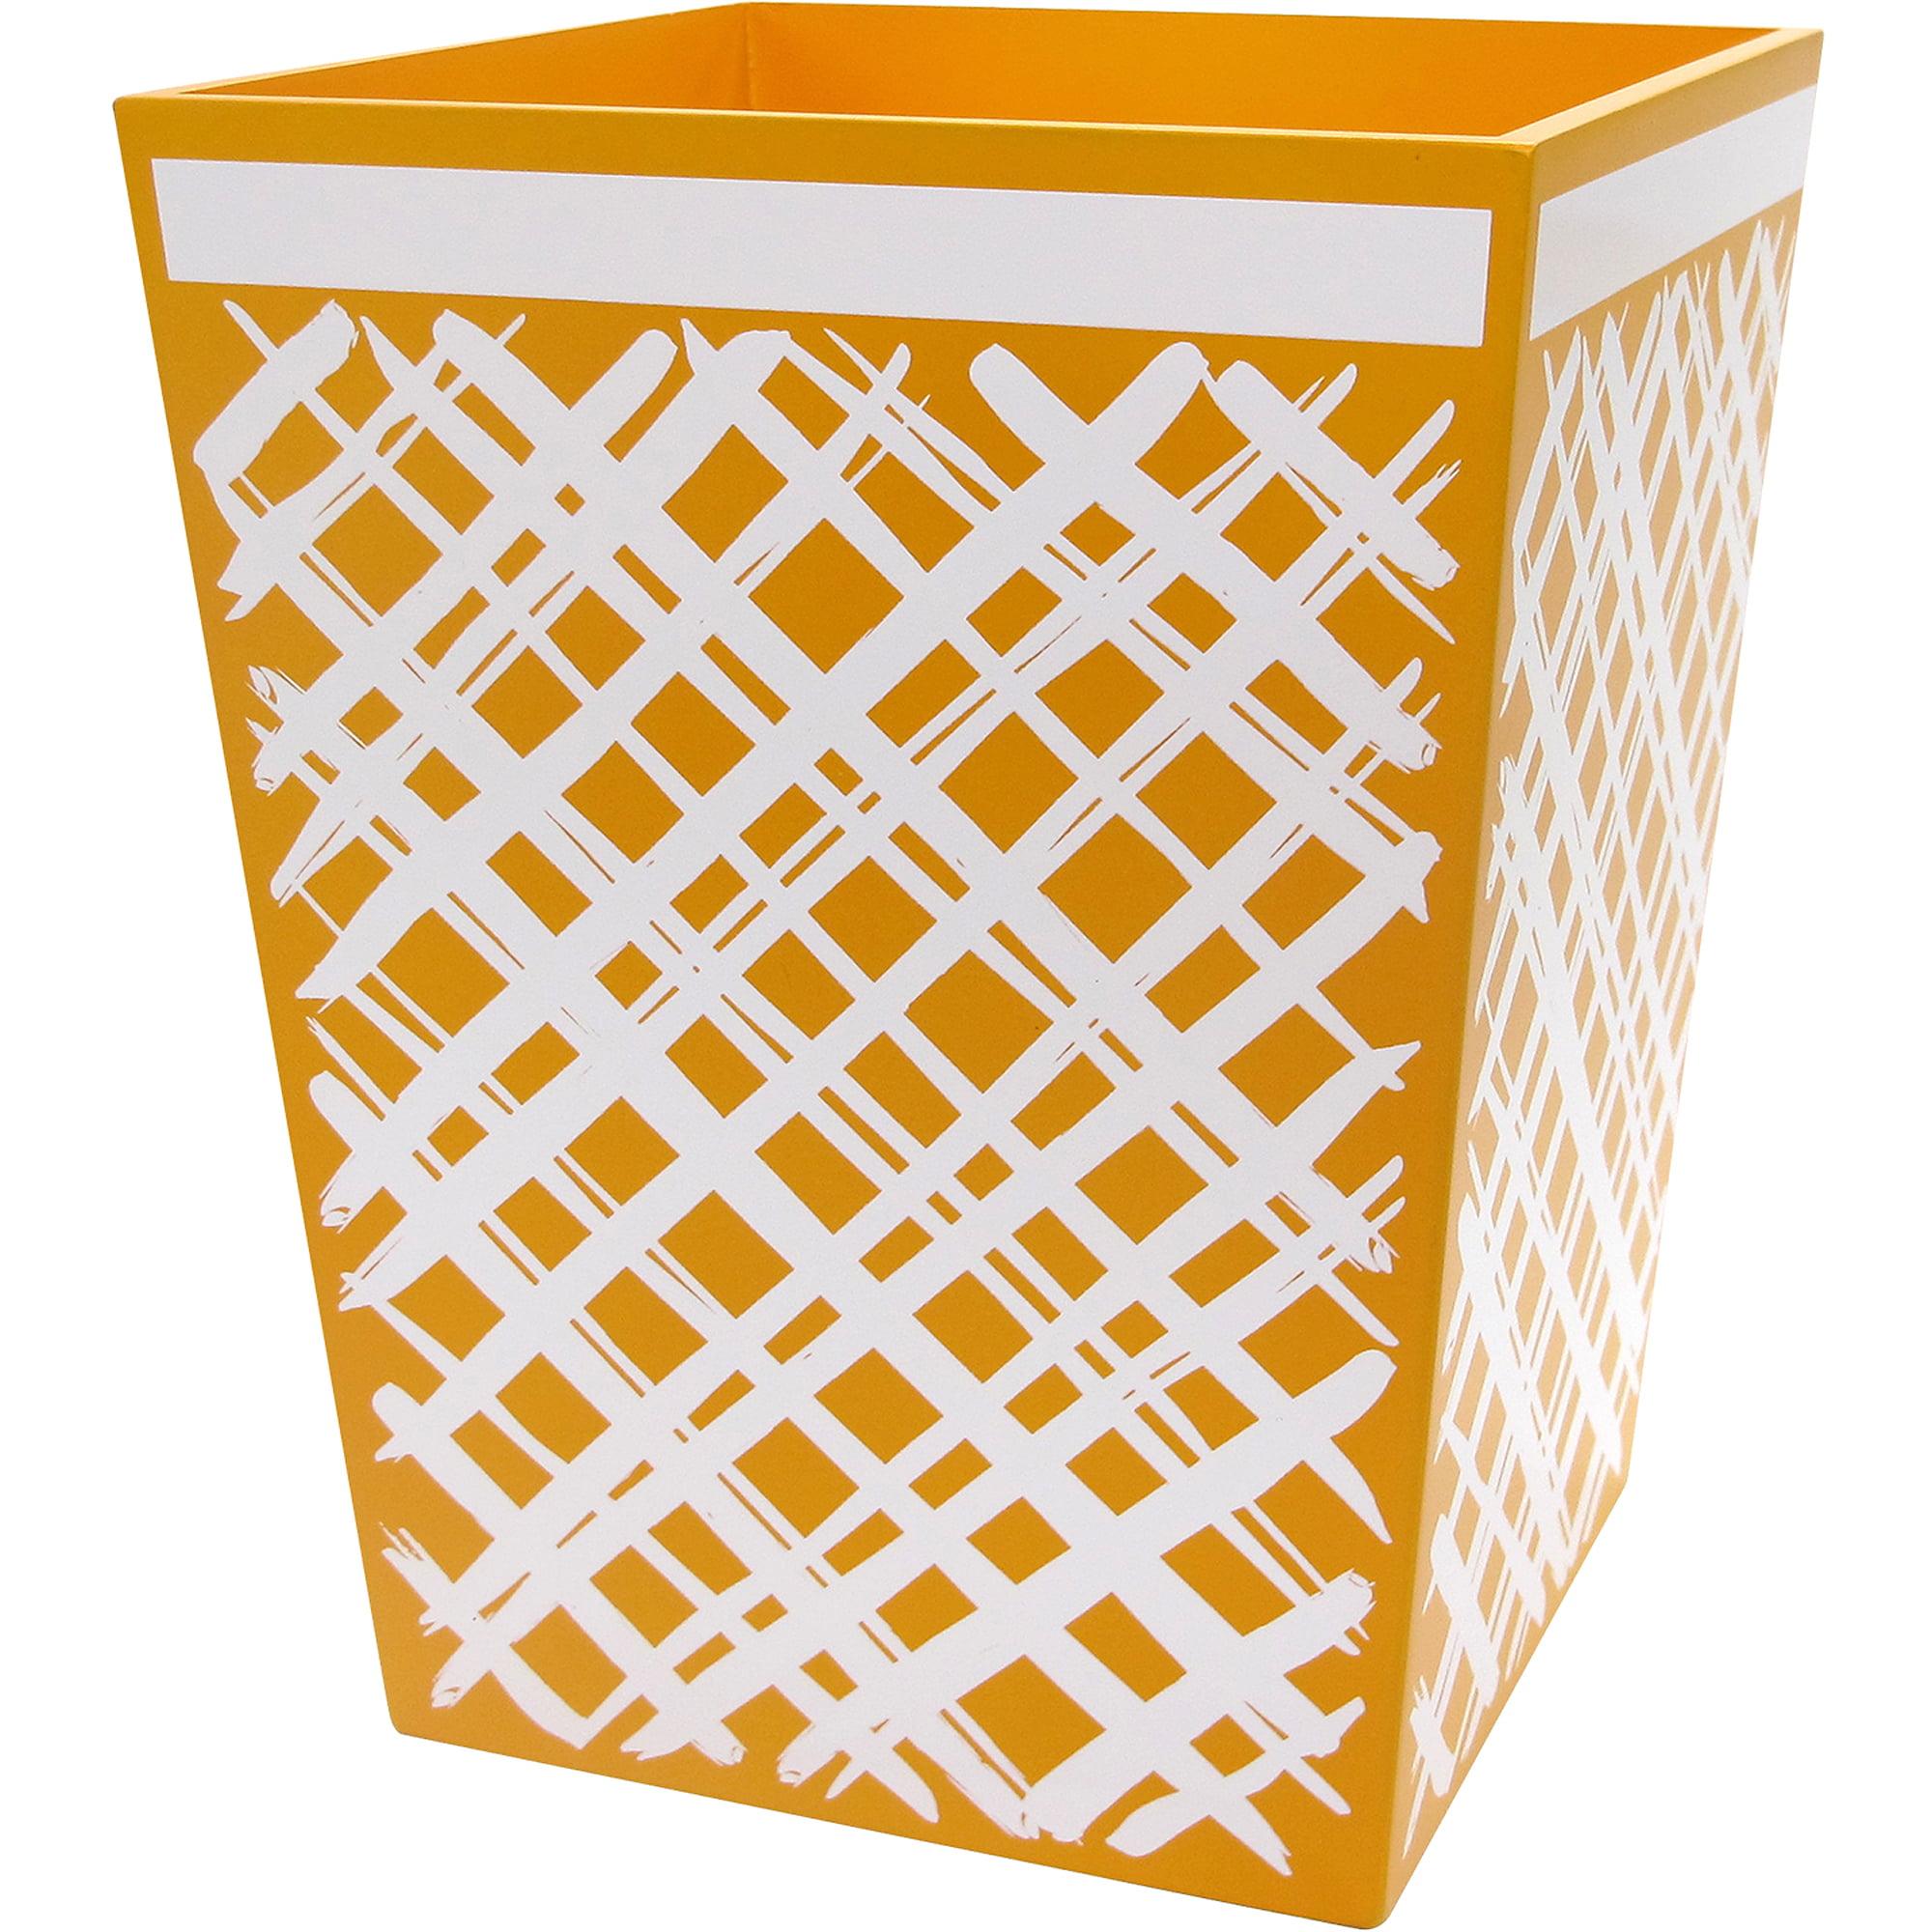 Sunflower Wastebasket